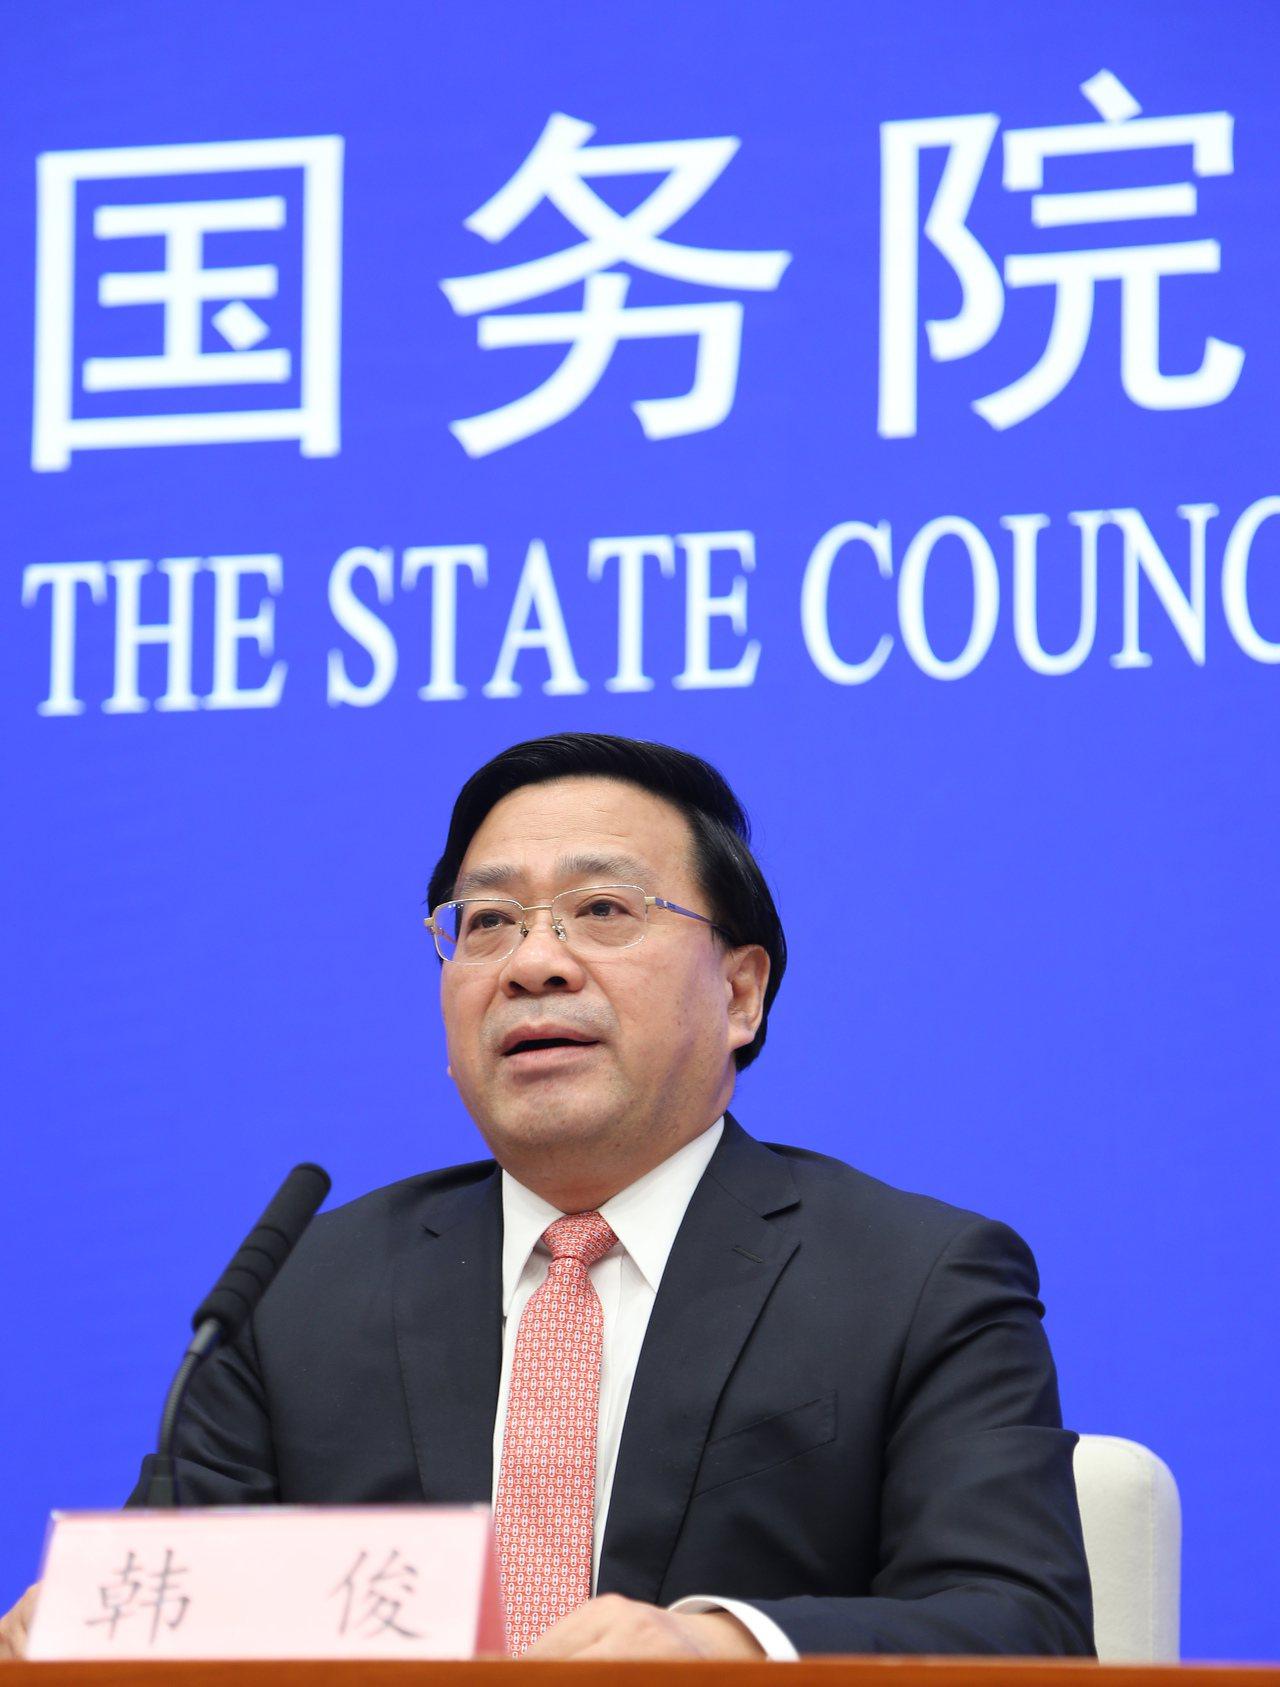 拒訪美國農業州,中國:與經貿磋商無關。 中國新聞社